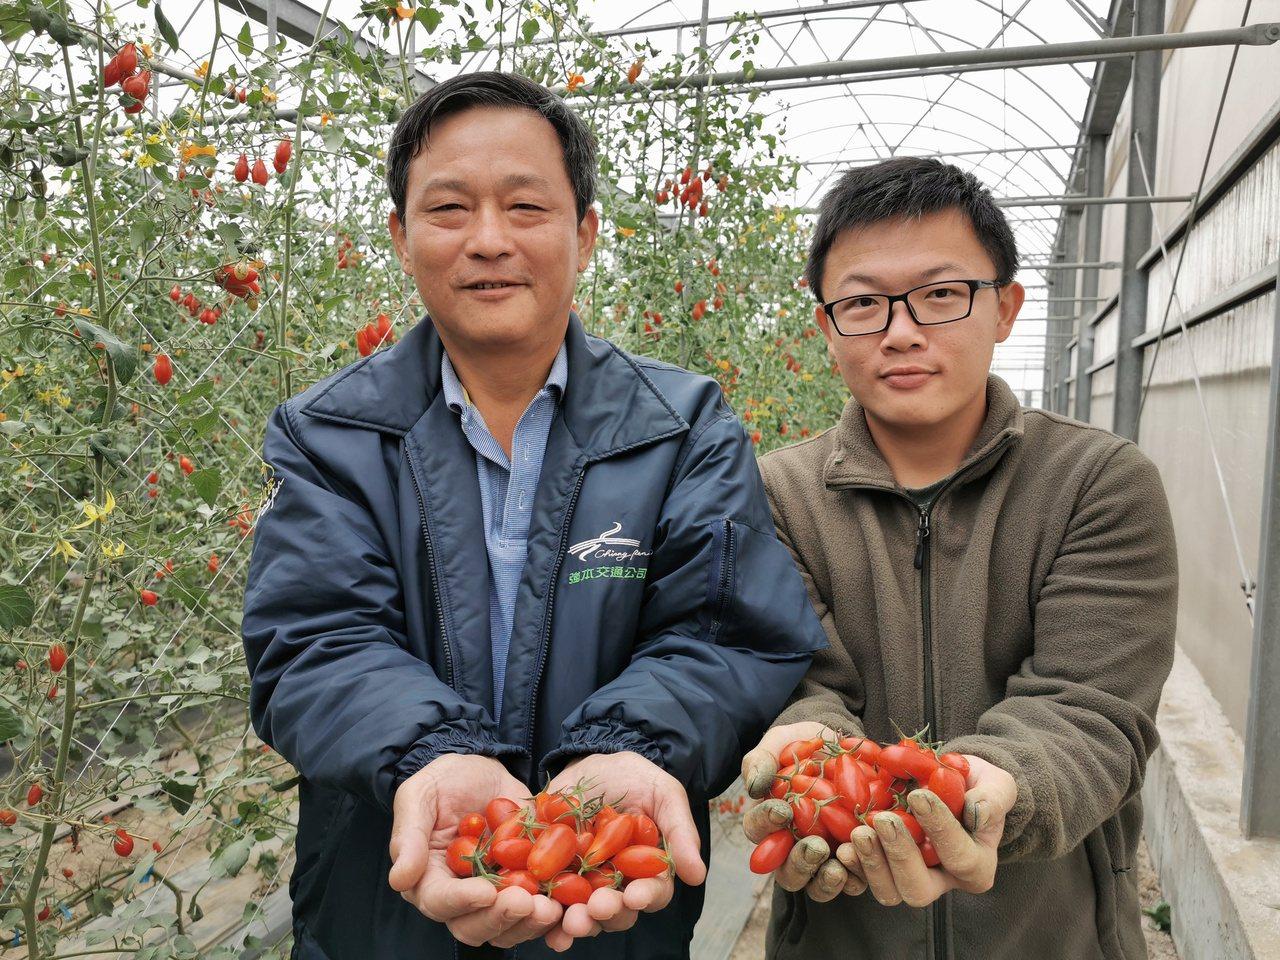 洪春毅(左)退休後將時間留給家人,和兒子洪培峯一起打拚農業夢。 圖/卜敏正 攝影